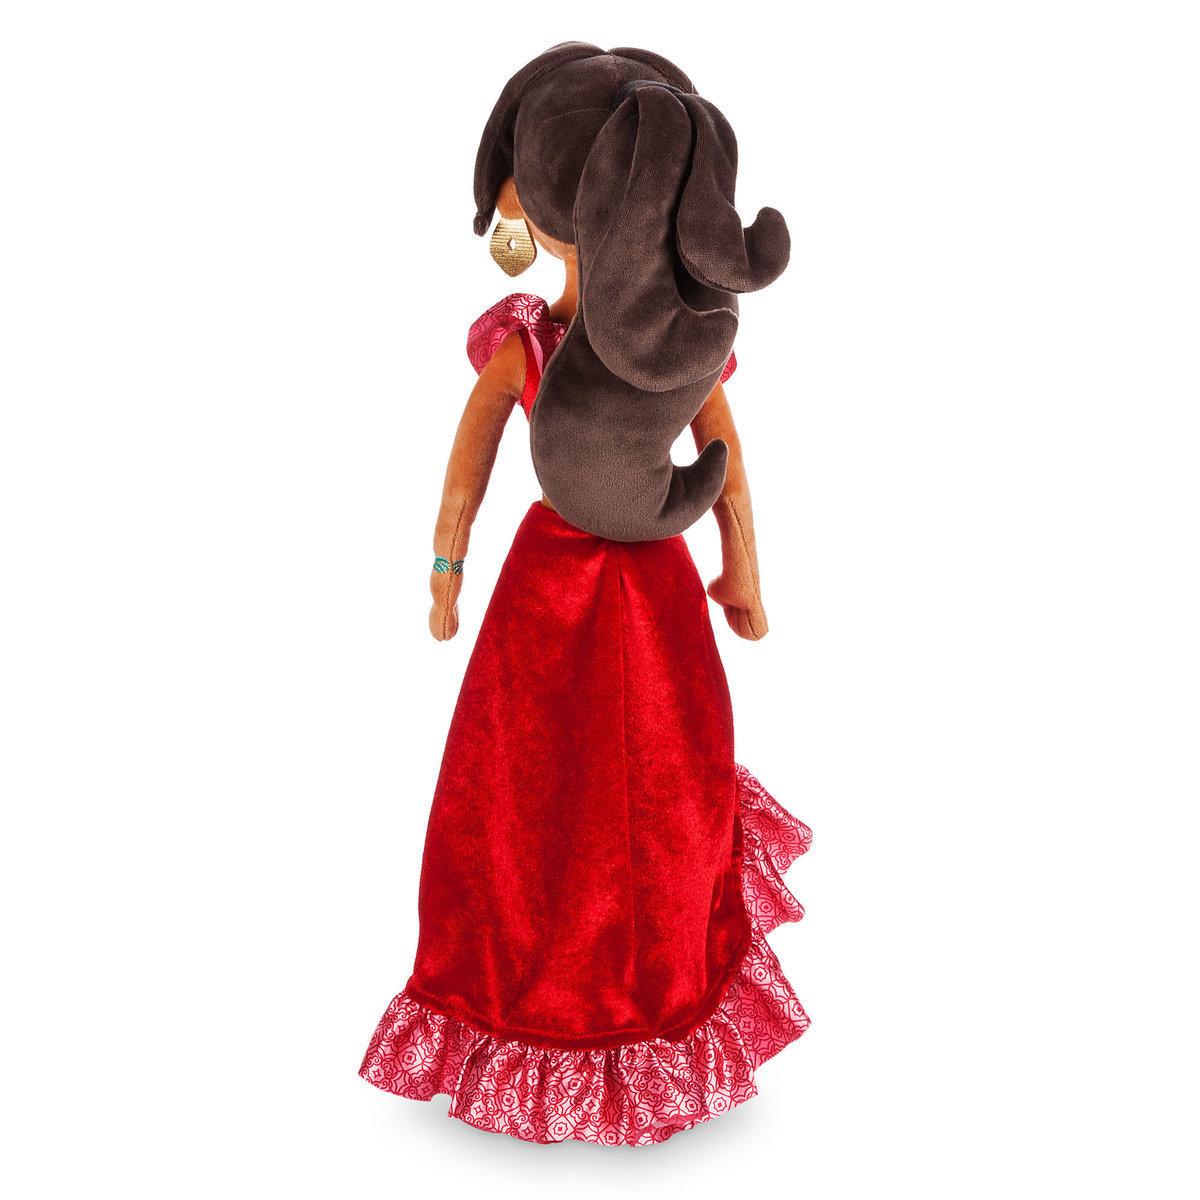 Мягкая кукла «Елена из Авалора» - 48 см